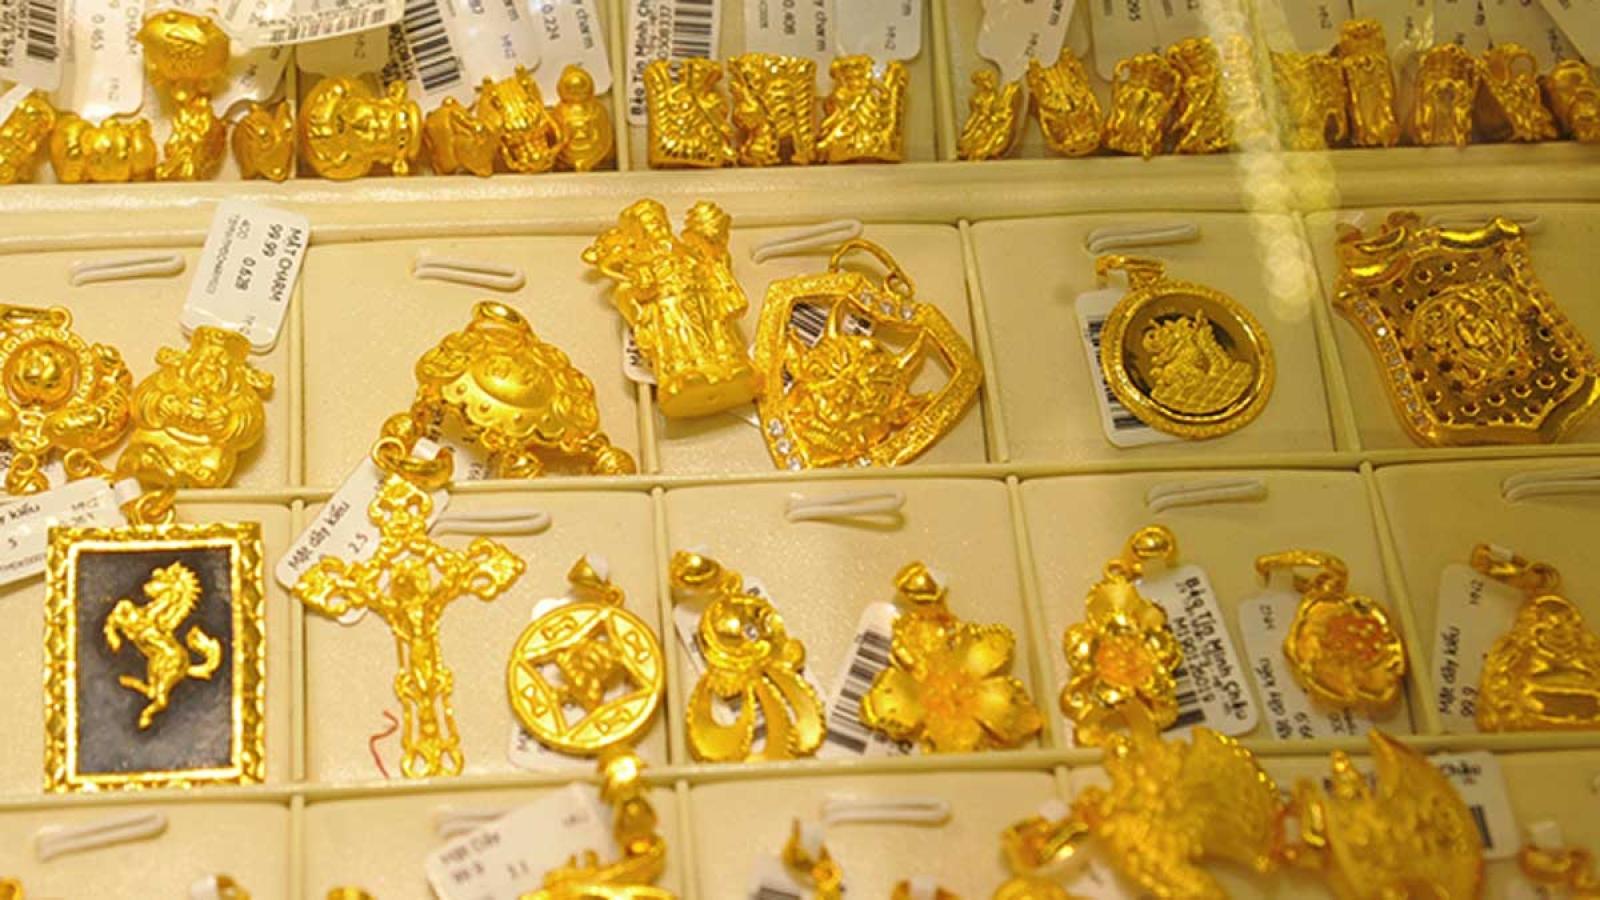 Giá vàng SJC tăng mạnh, vượt mốc 56 triệu đồng/lượng